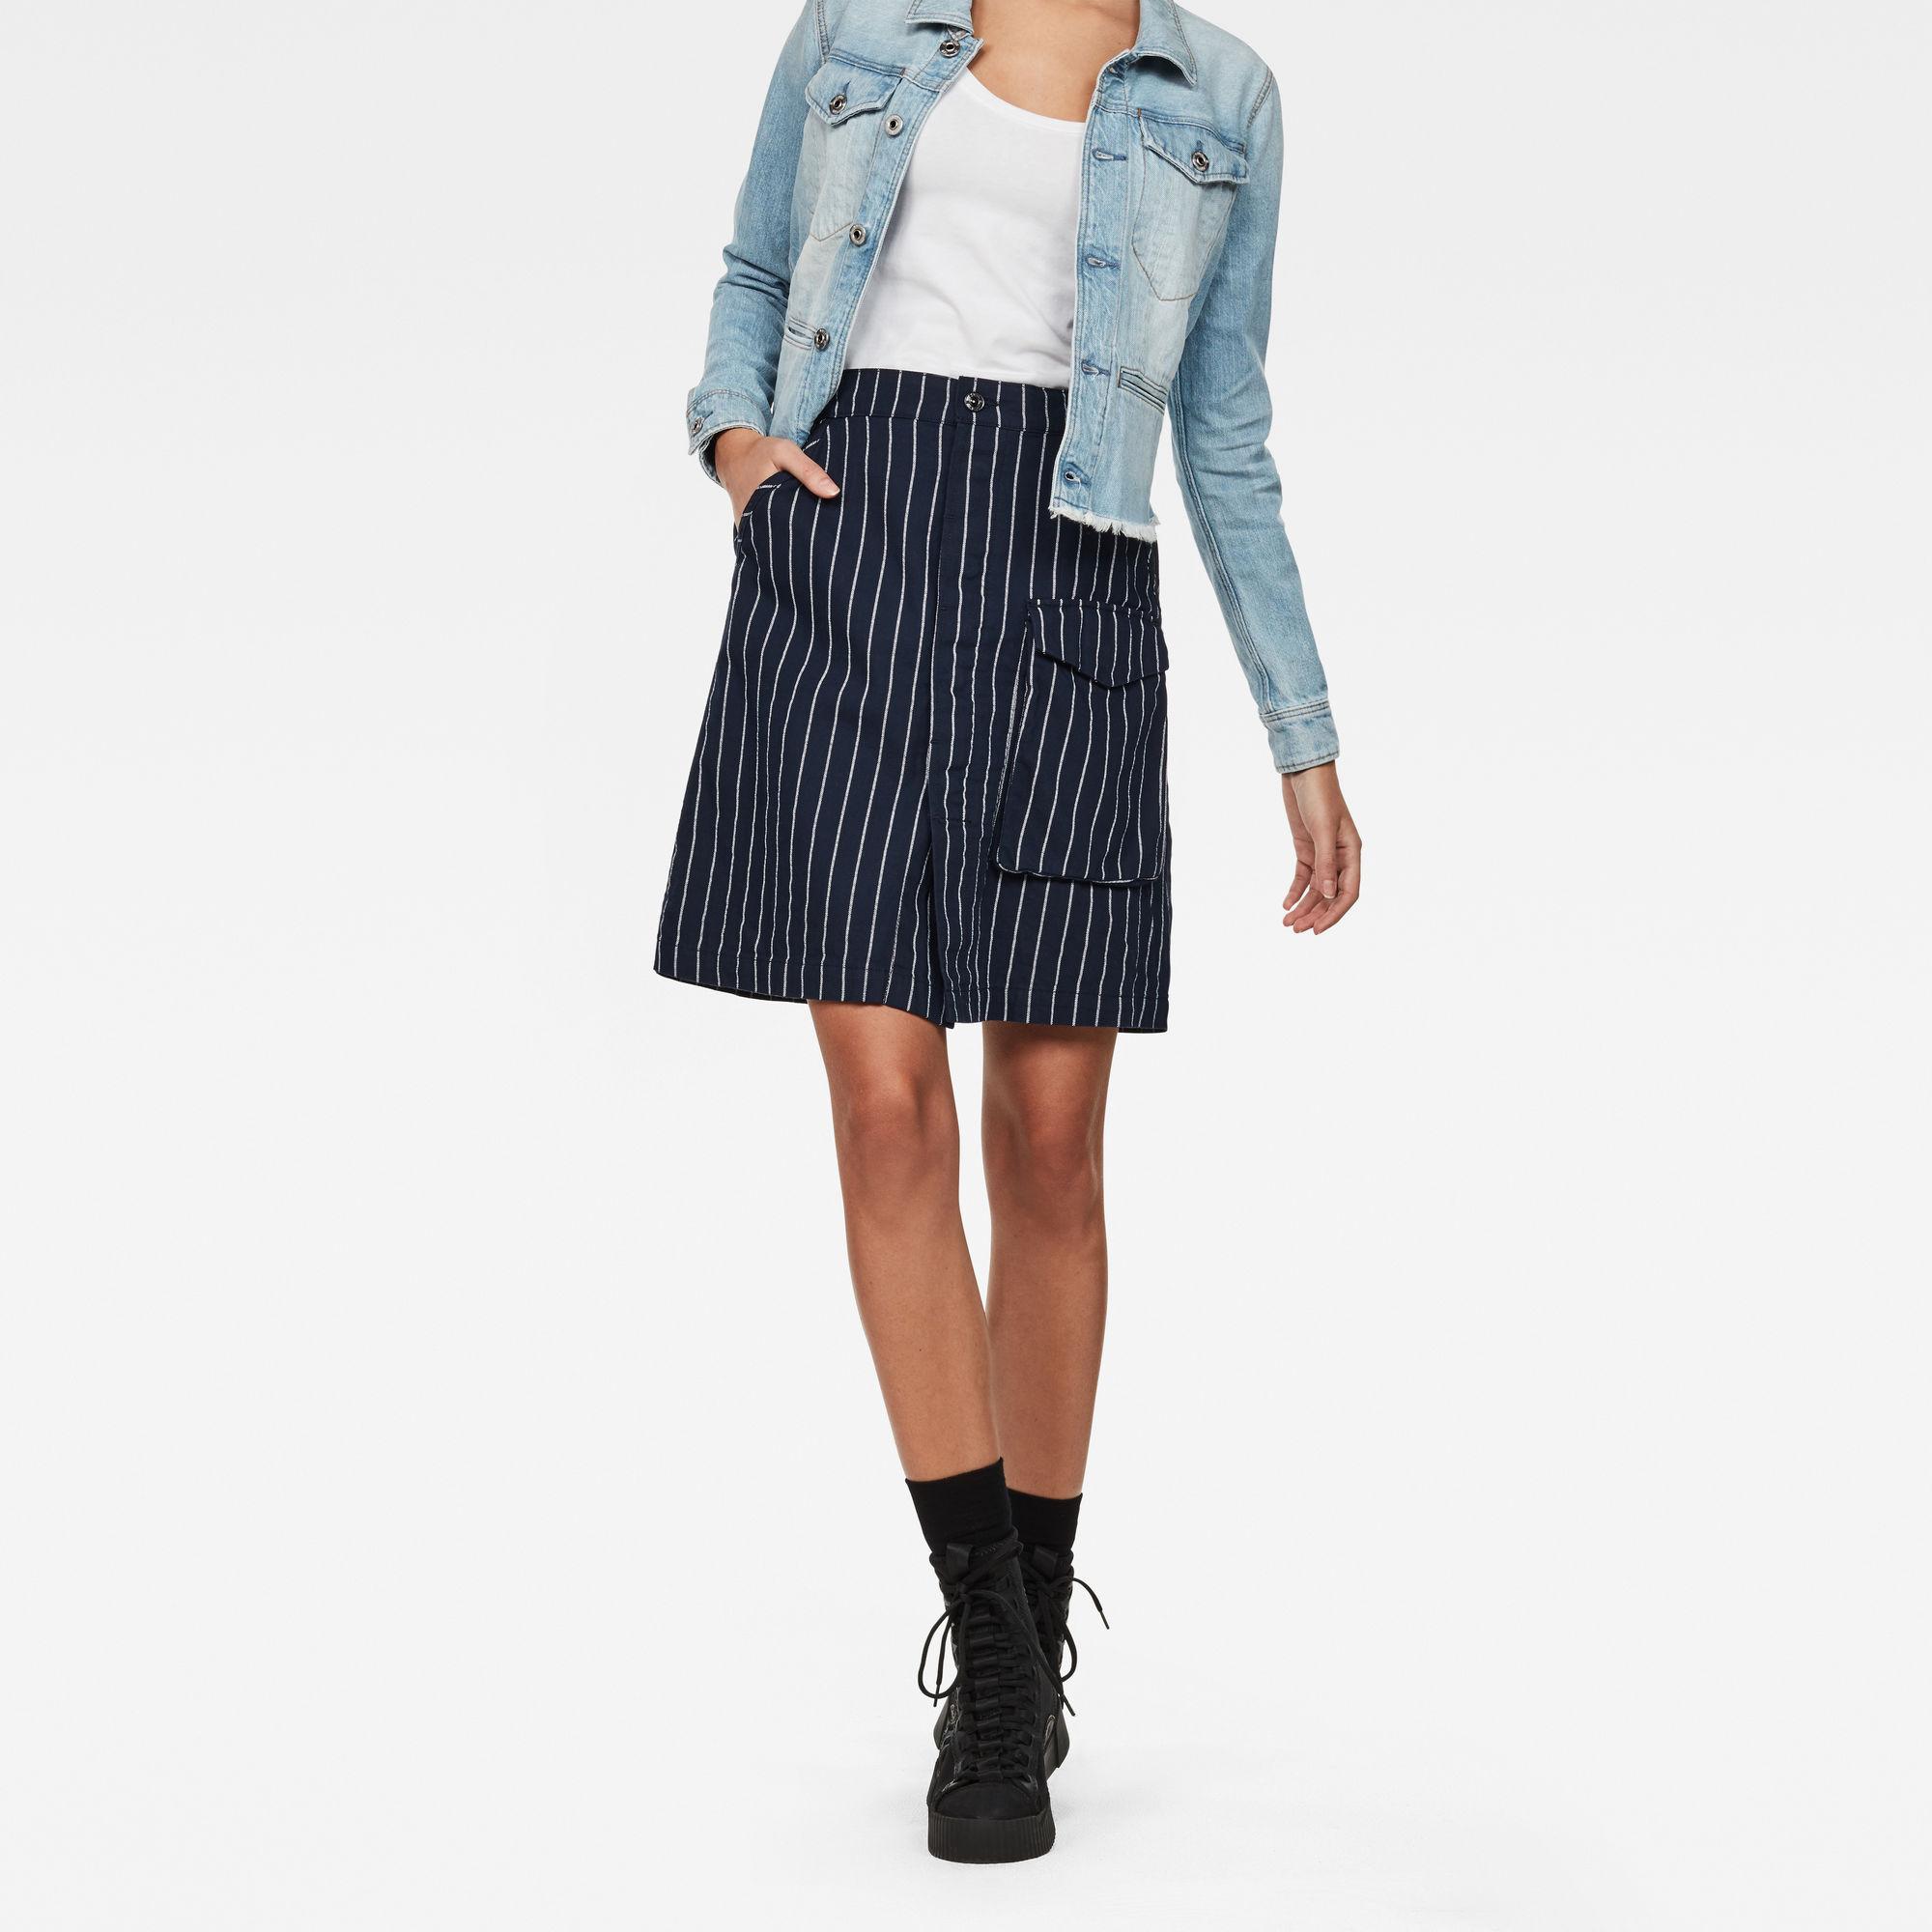 Tendric High Waist waist Skirt